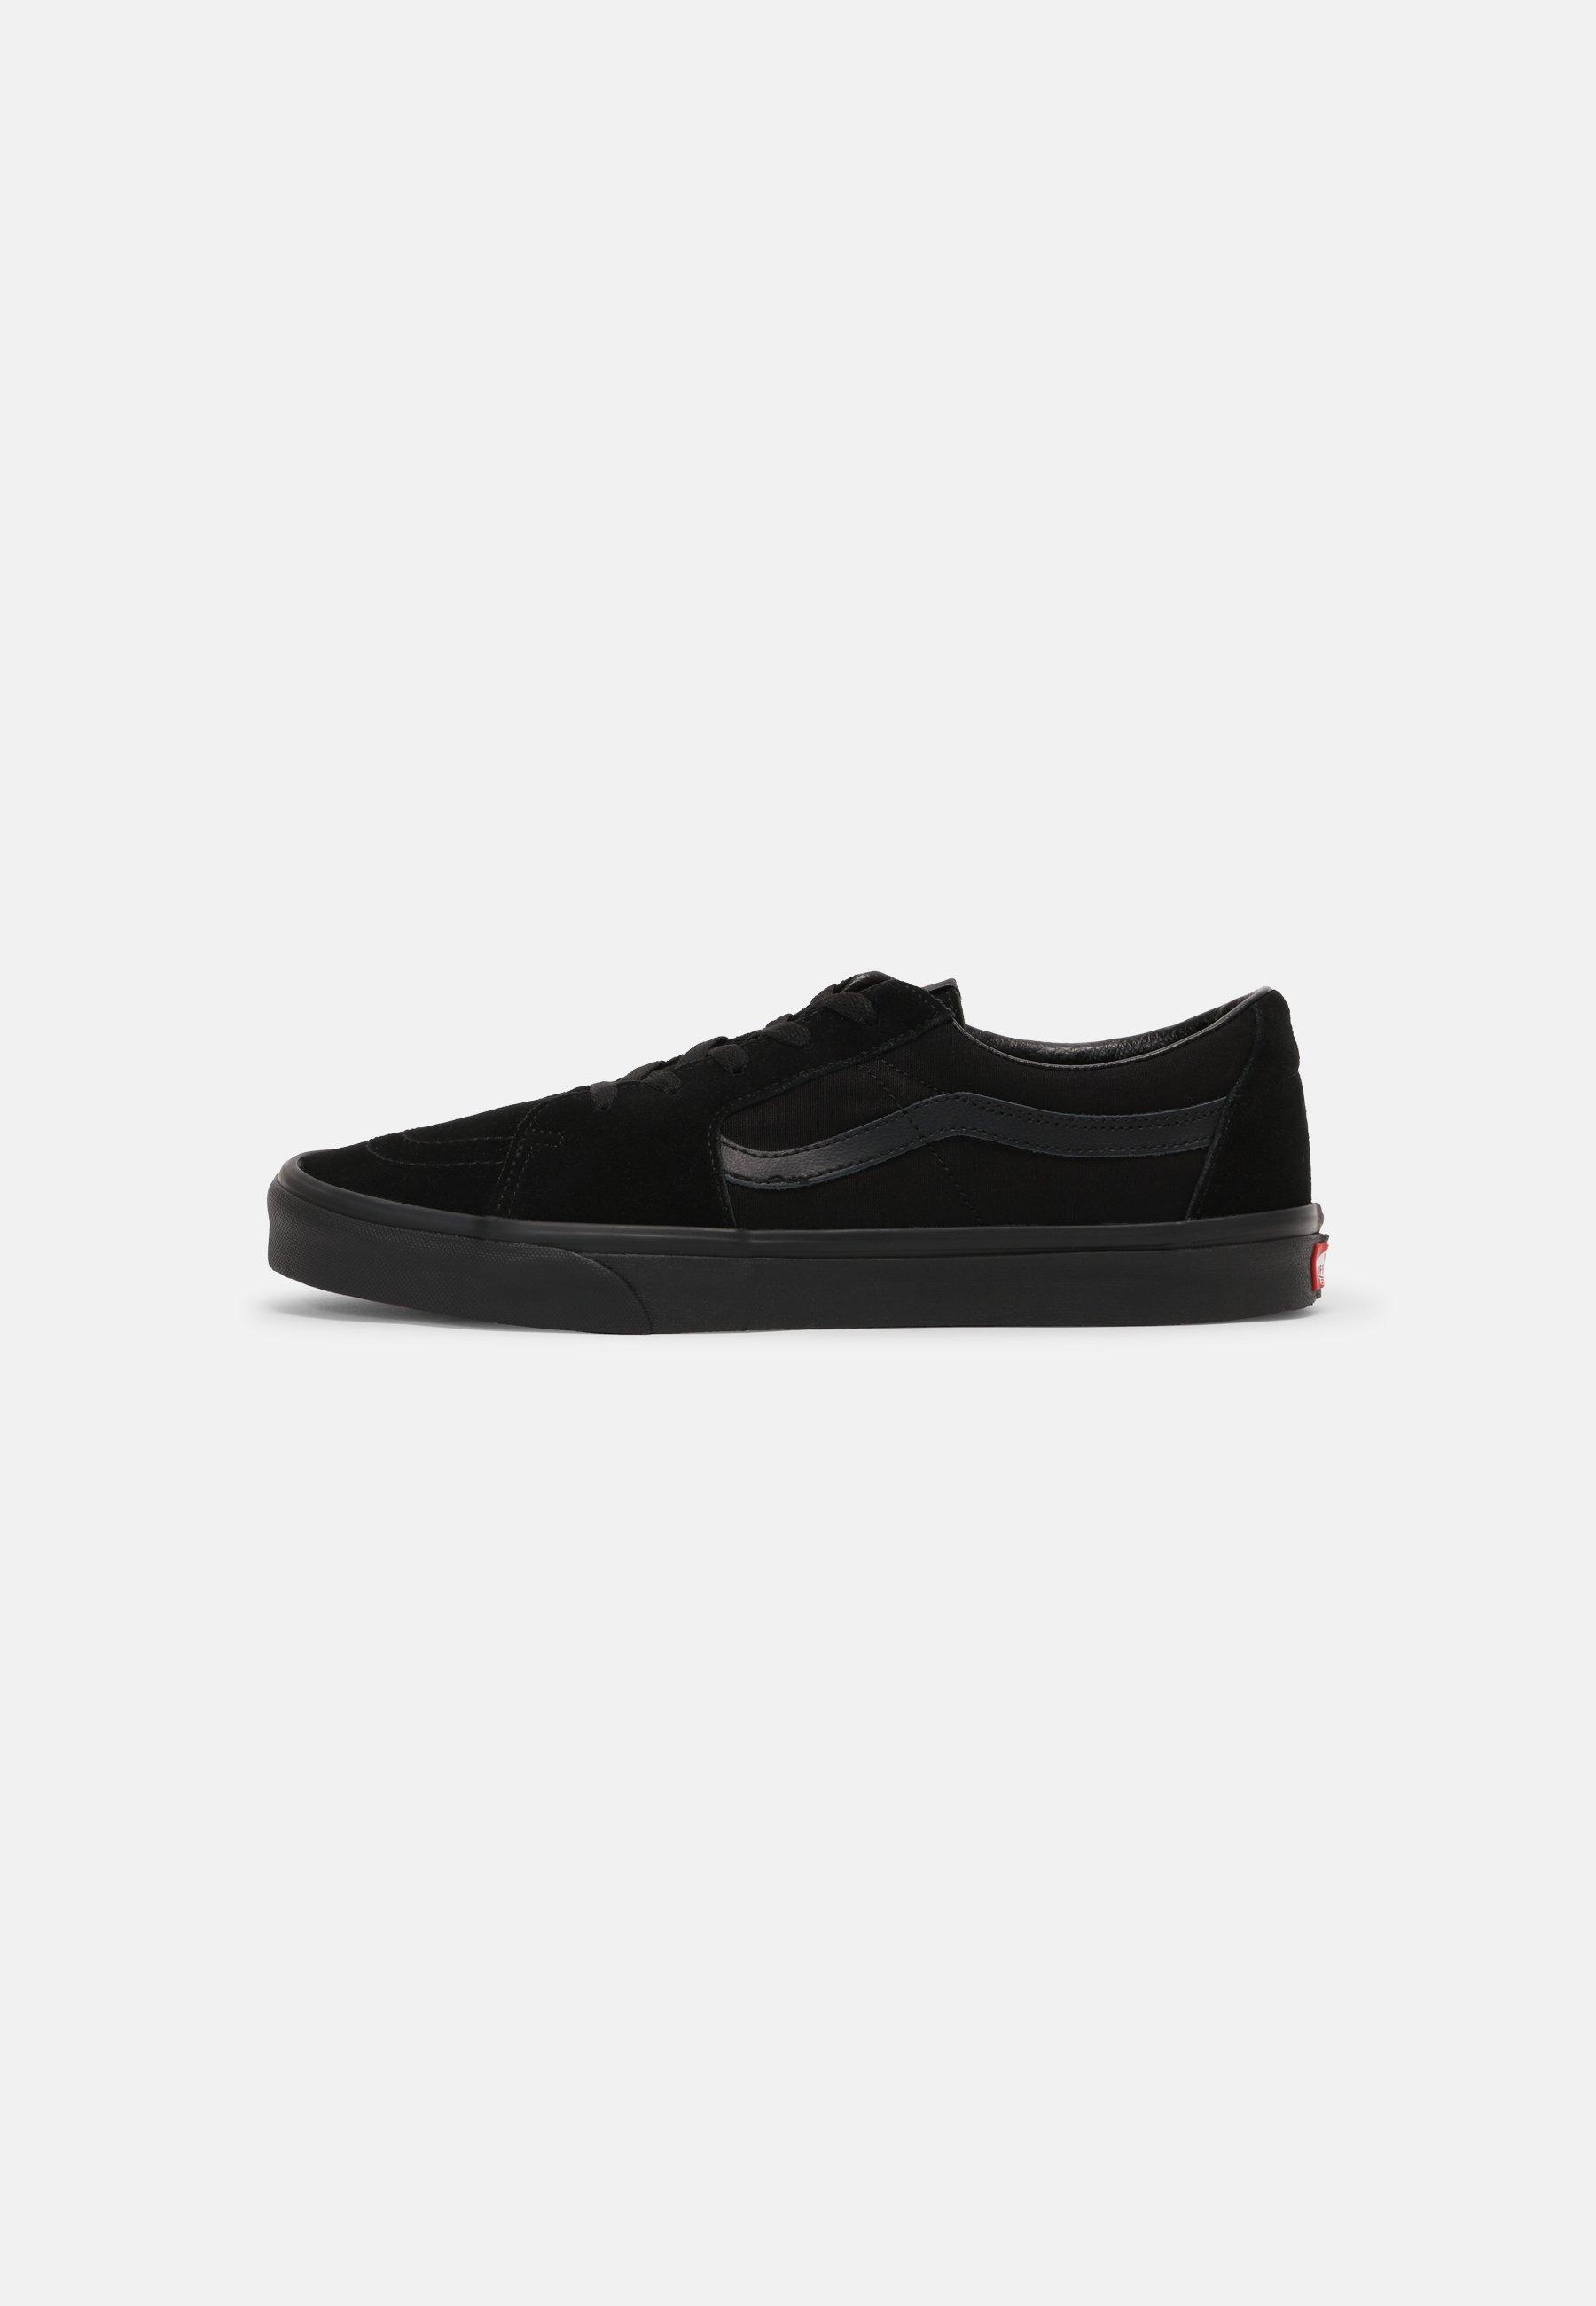 Homme SK8-LOW UNISEX - Chaussures de skate